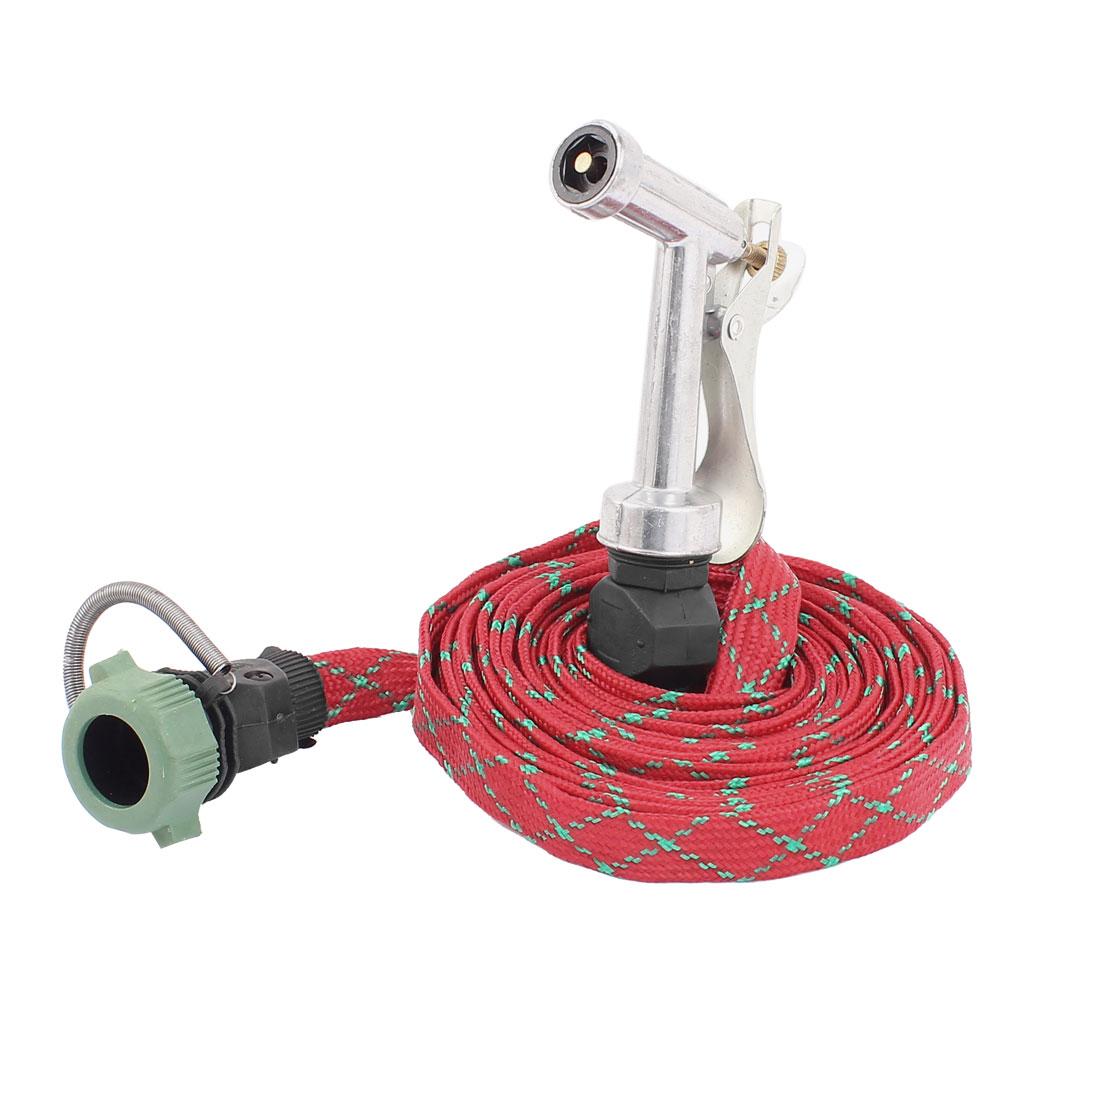 Home Garden Expandable Water Hose Nozzle Sprayer Connector